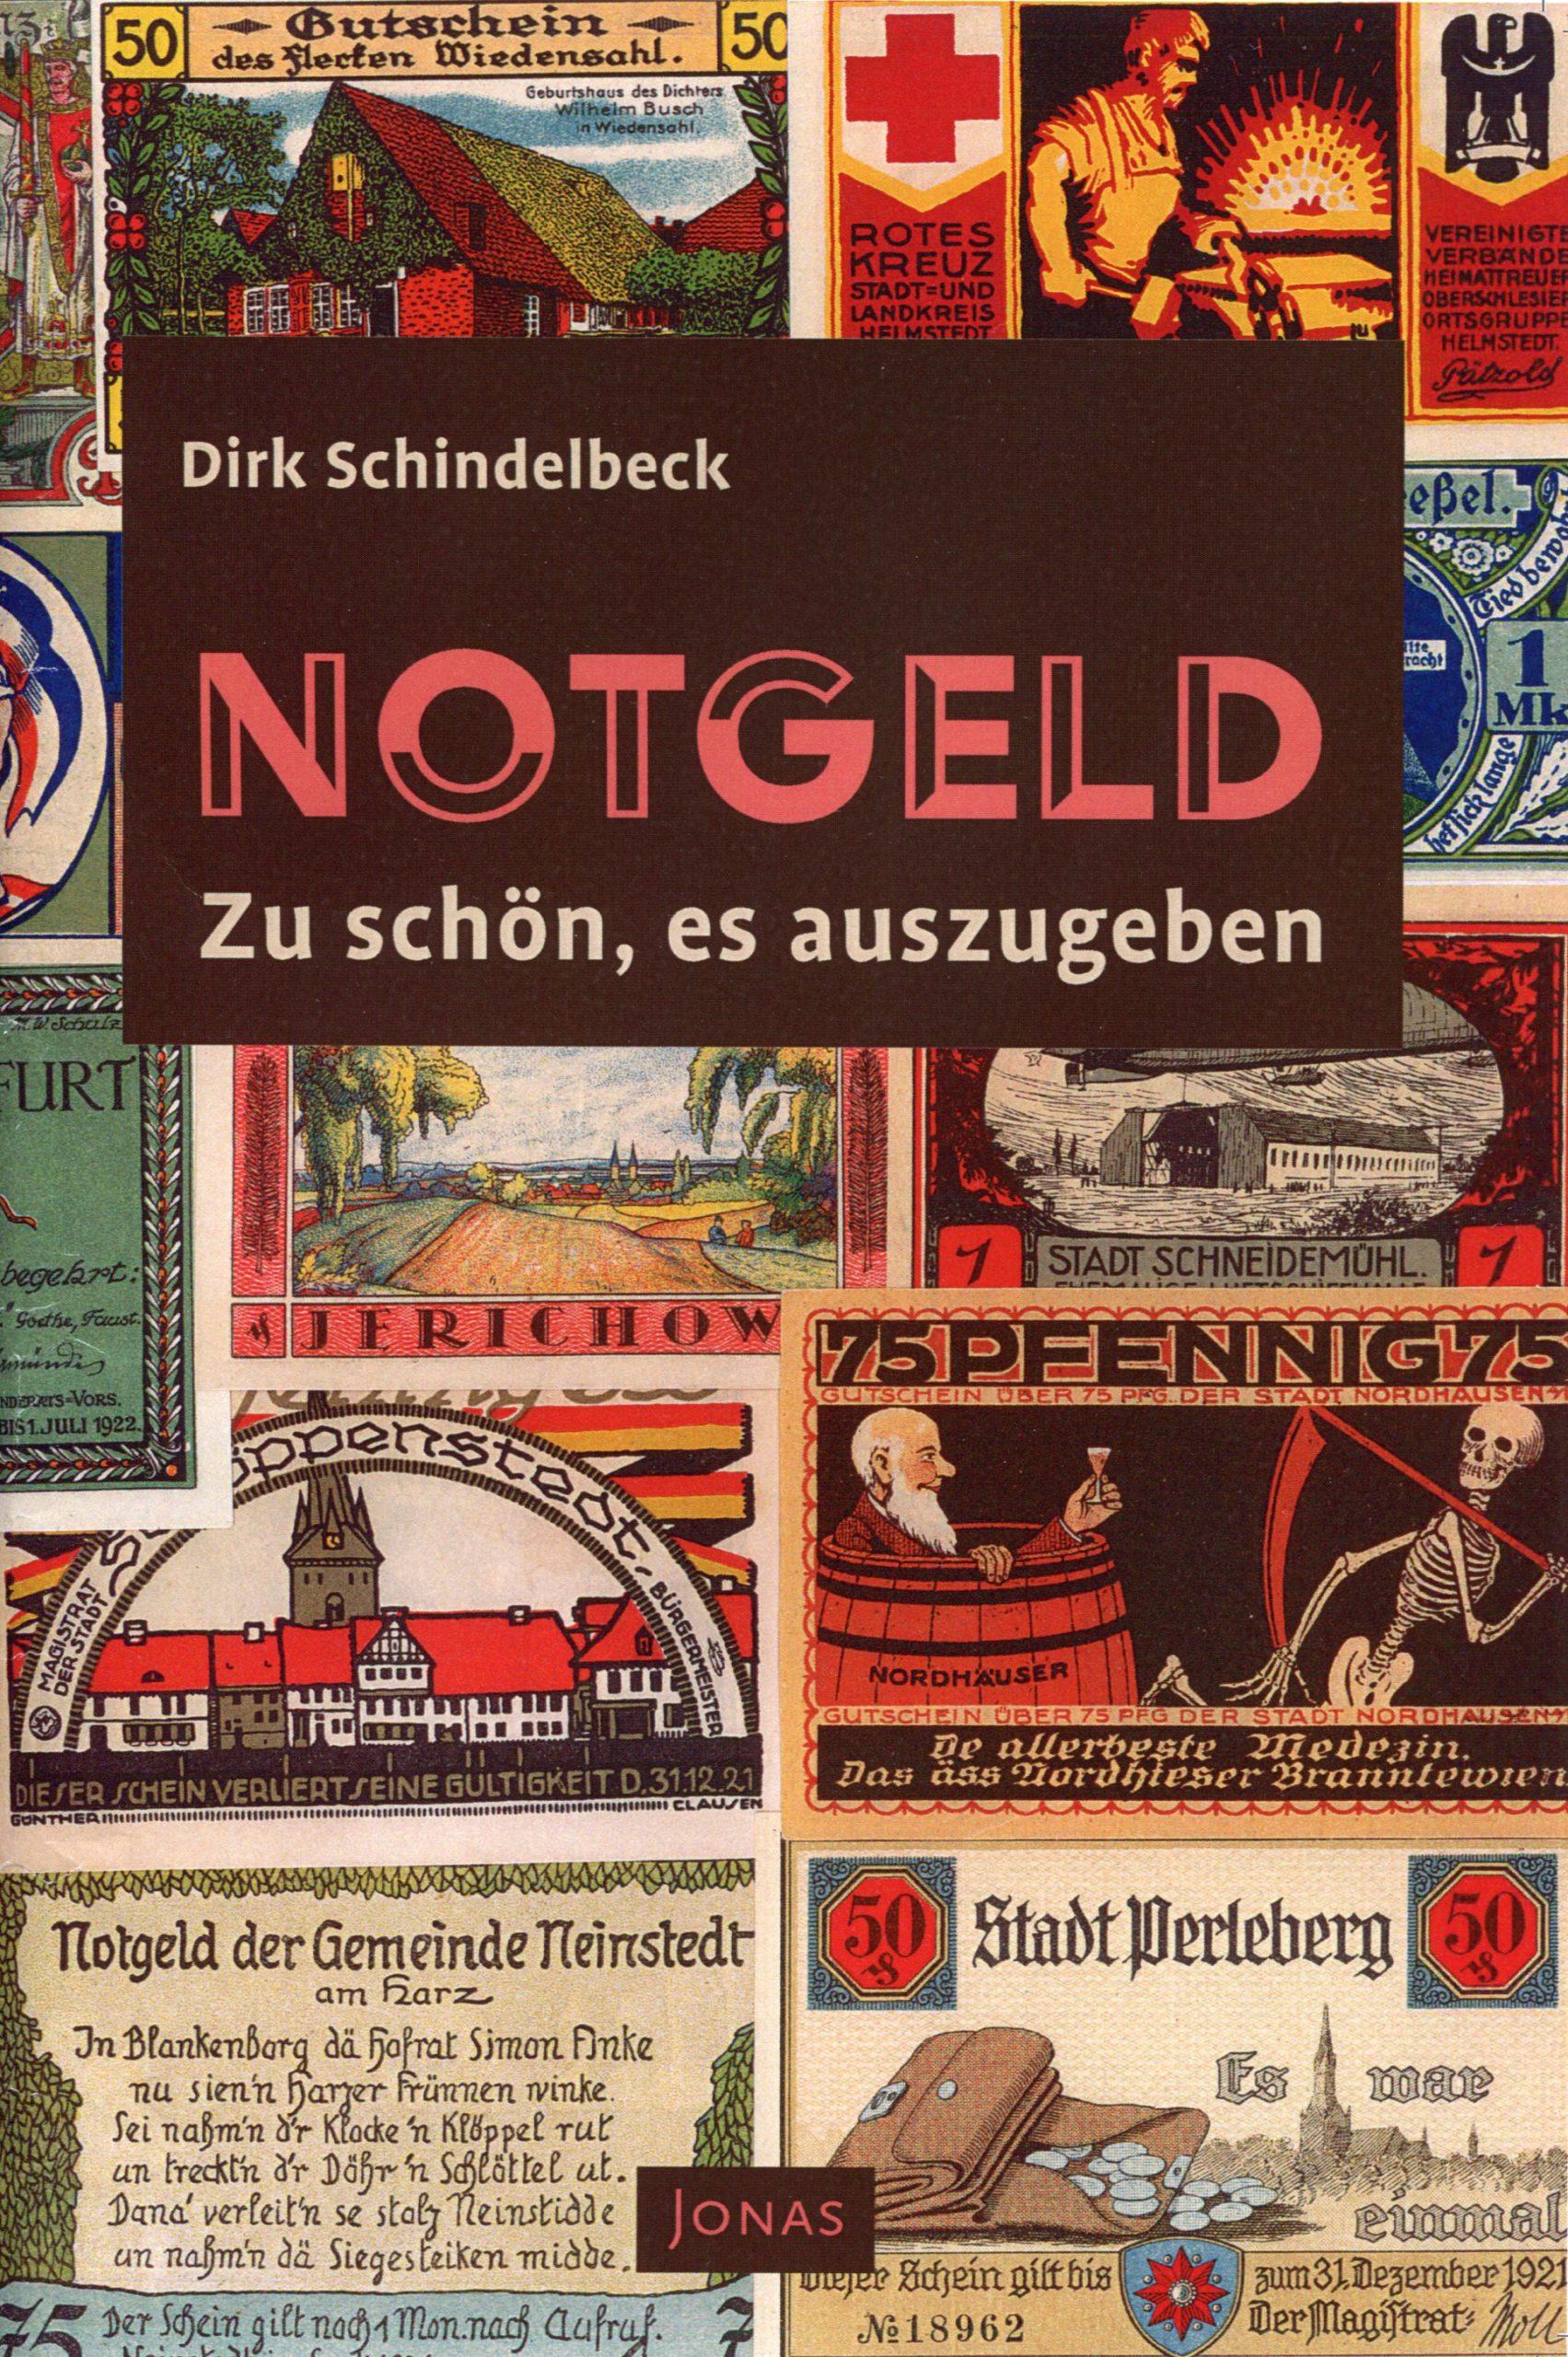 Notgeld - Zu schön, es auszugeben, Dirk Schindelbeck 2021